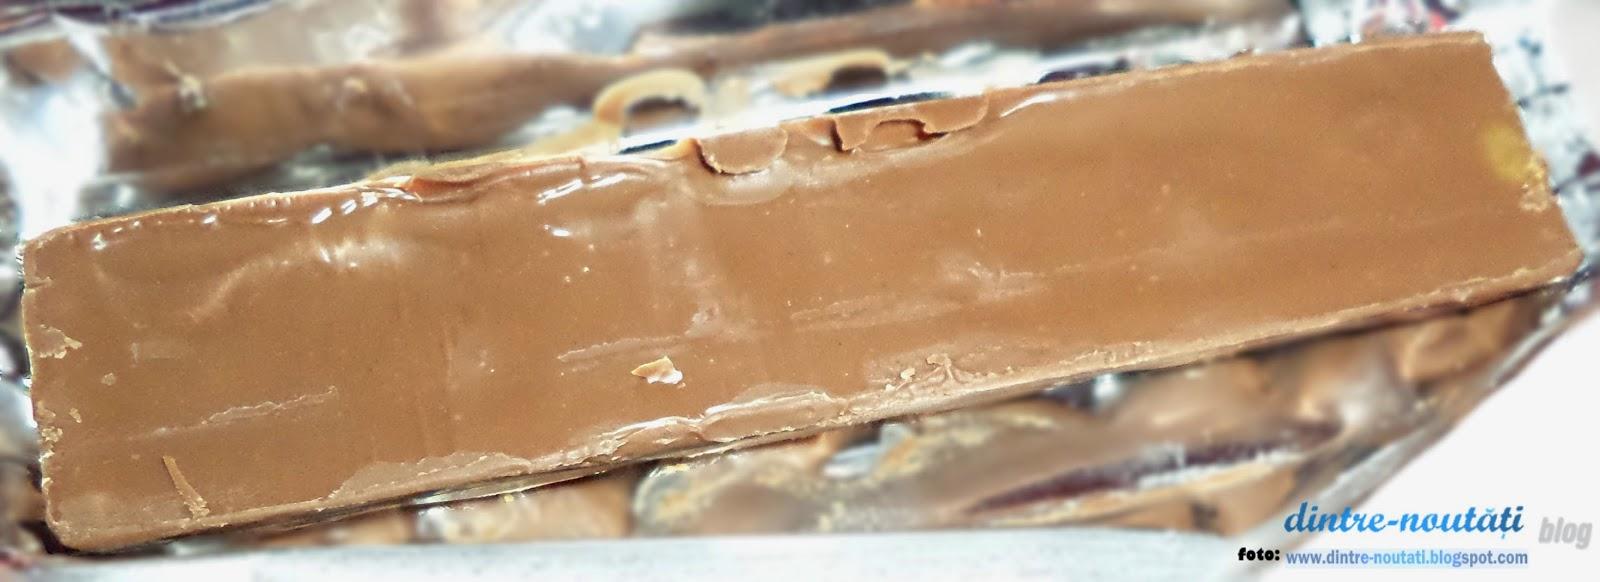 Baton milka cu caramel și alune; Ciocolată cu lapte din Alpi cu cremă de lapte și caramel (32%) și umplutură de caramel (10%)